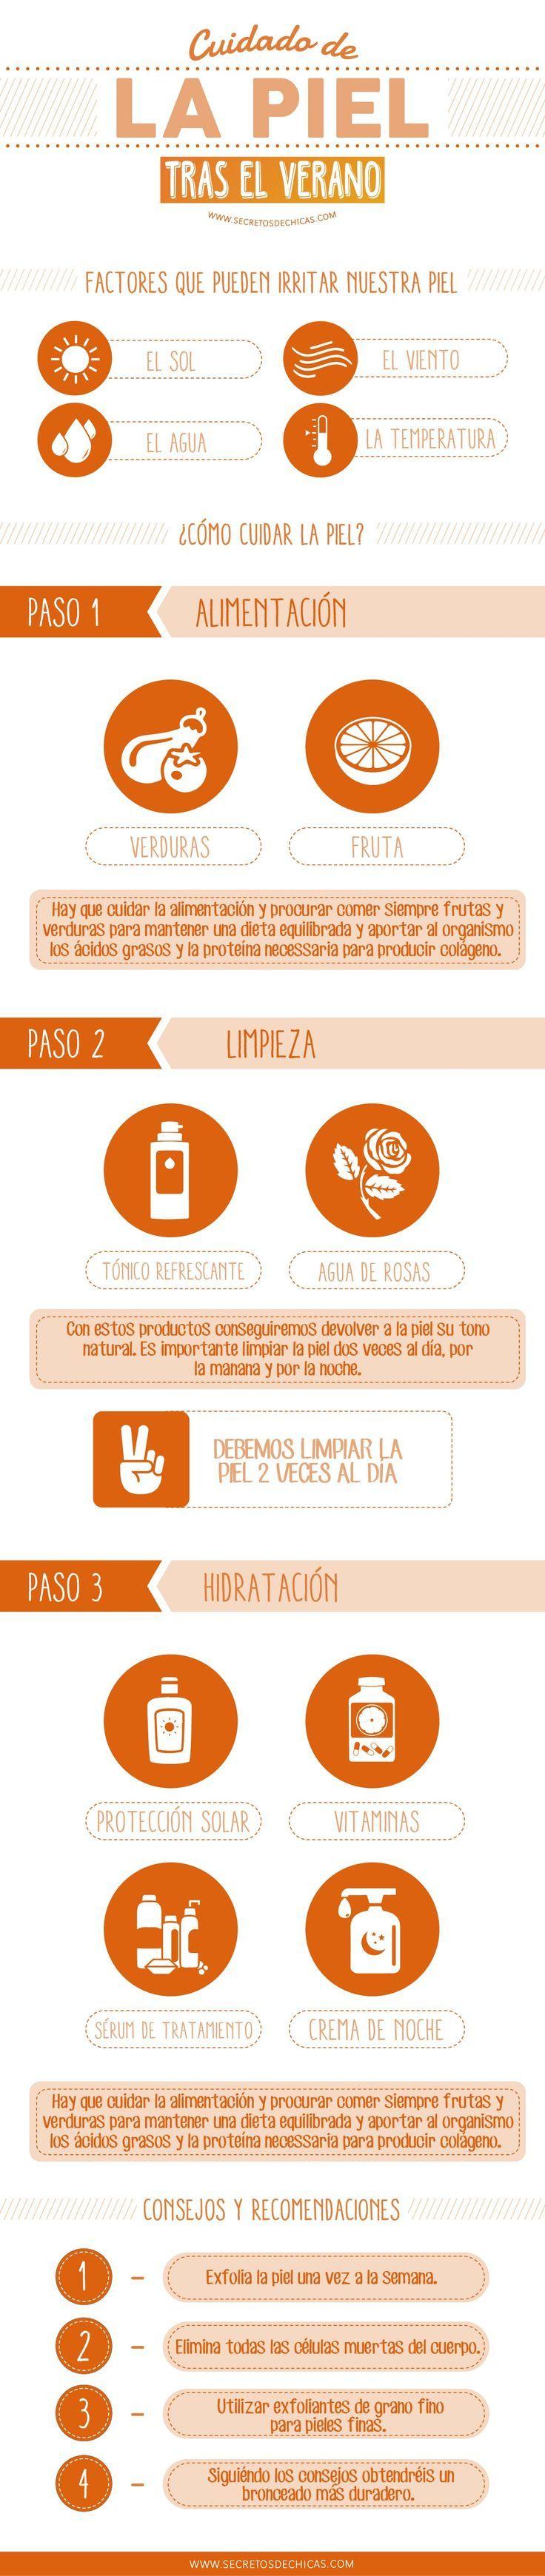 Cómo cuidar la piel después del verano. #infografia #salud #verano